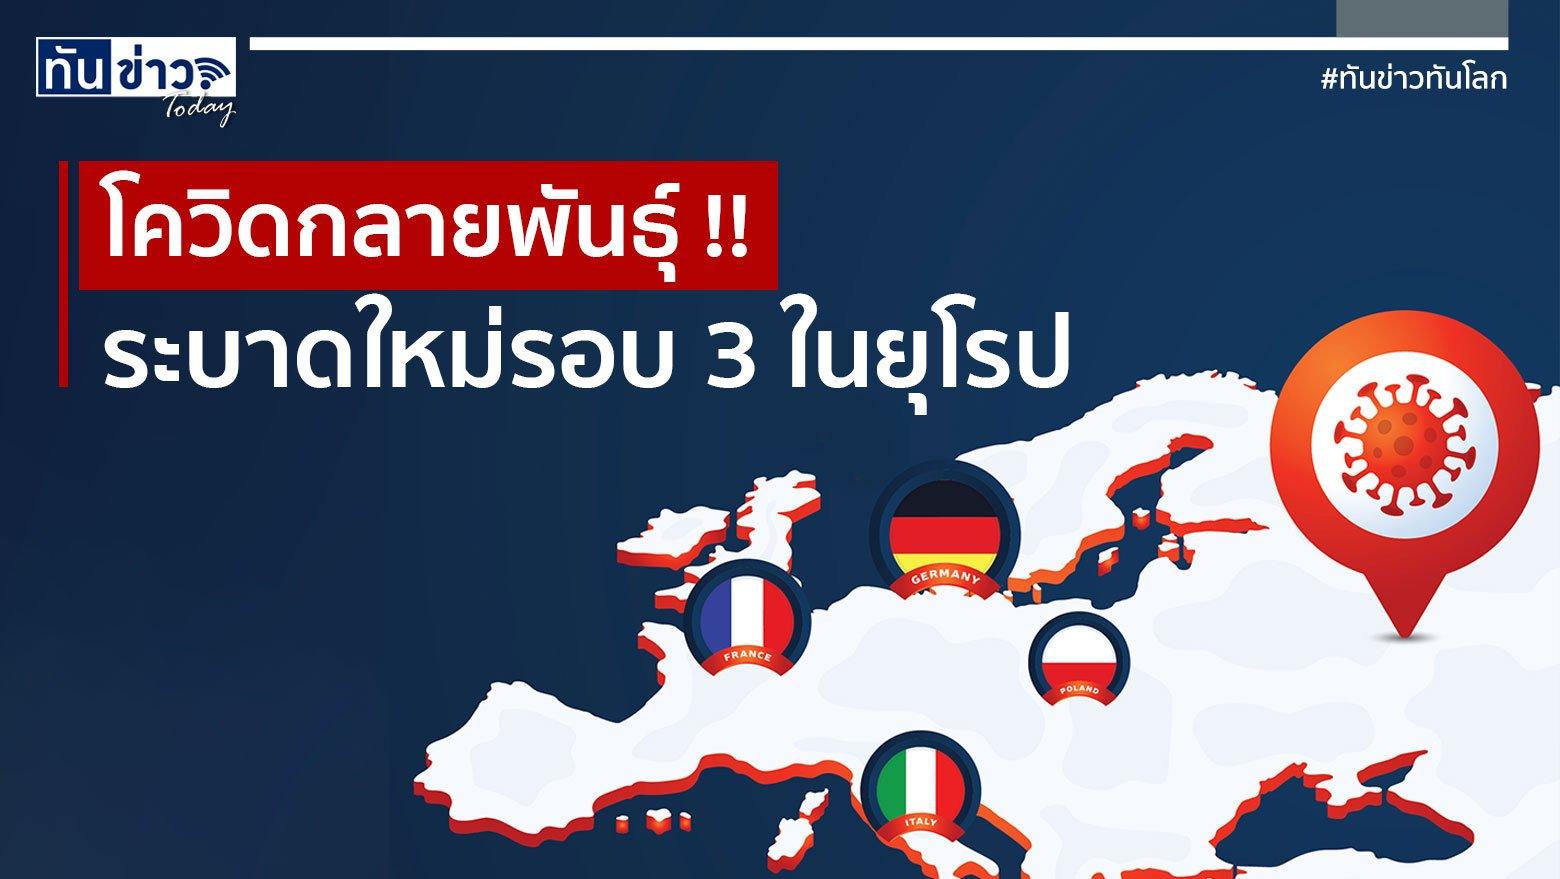 โควิดกลายพันธุ์!! ระบาดใหม่รอบ 3 ในยุโรป